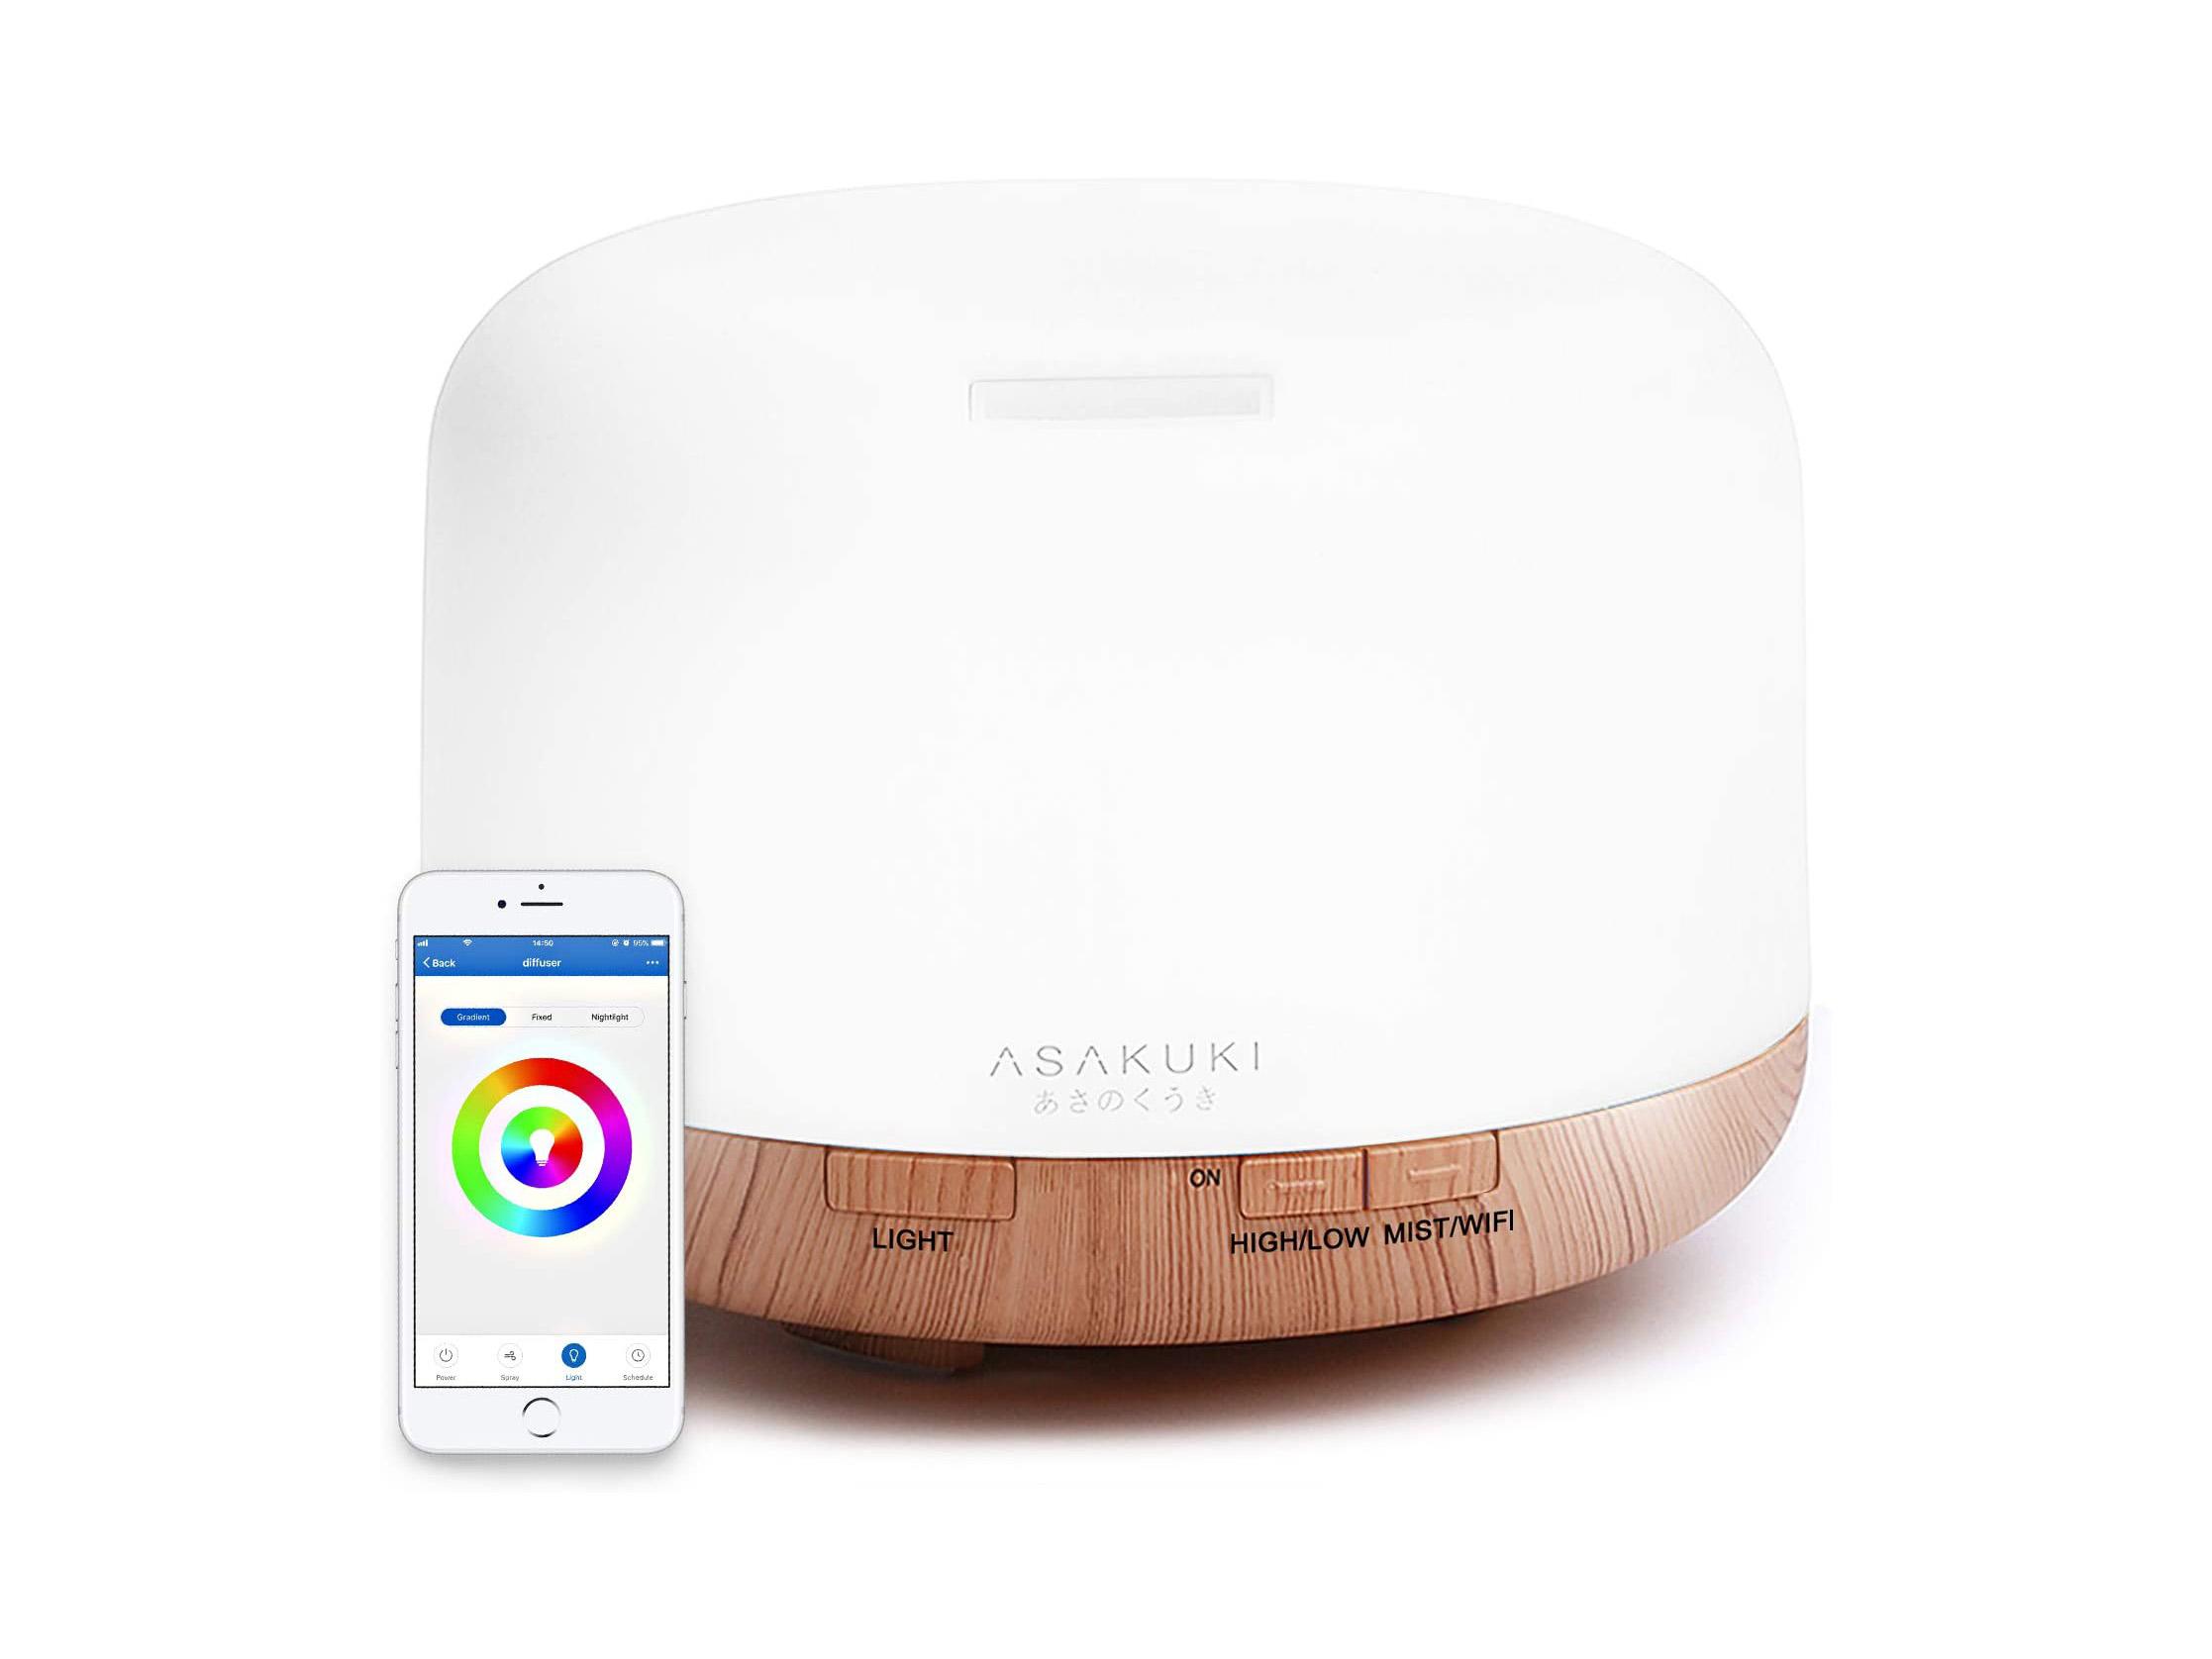 Best Meditation Products — asakuki smart wifi aromatherapy diffuser humidifier